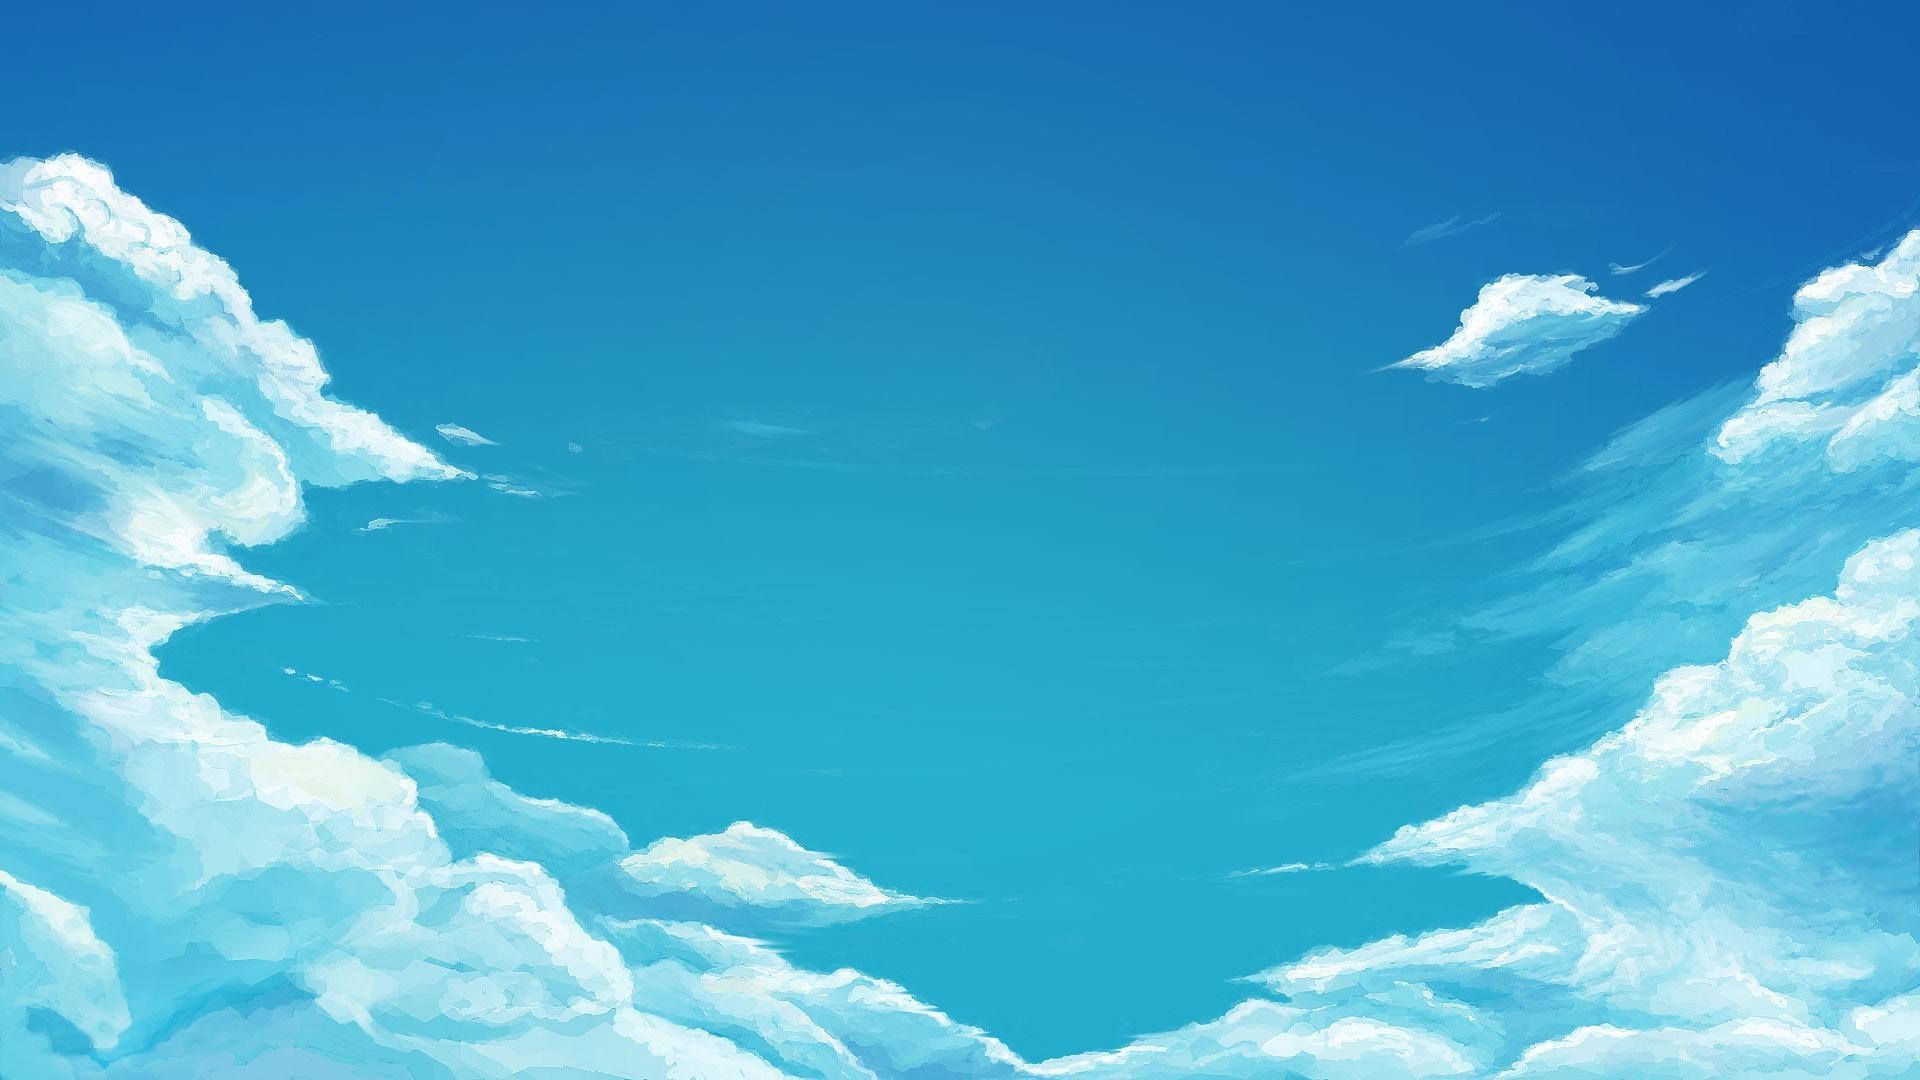 Fondos De Pantalla Luz De Sol Dibujo Cielo Nubes Azul